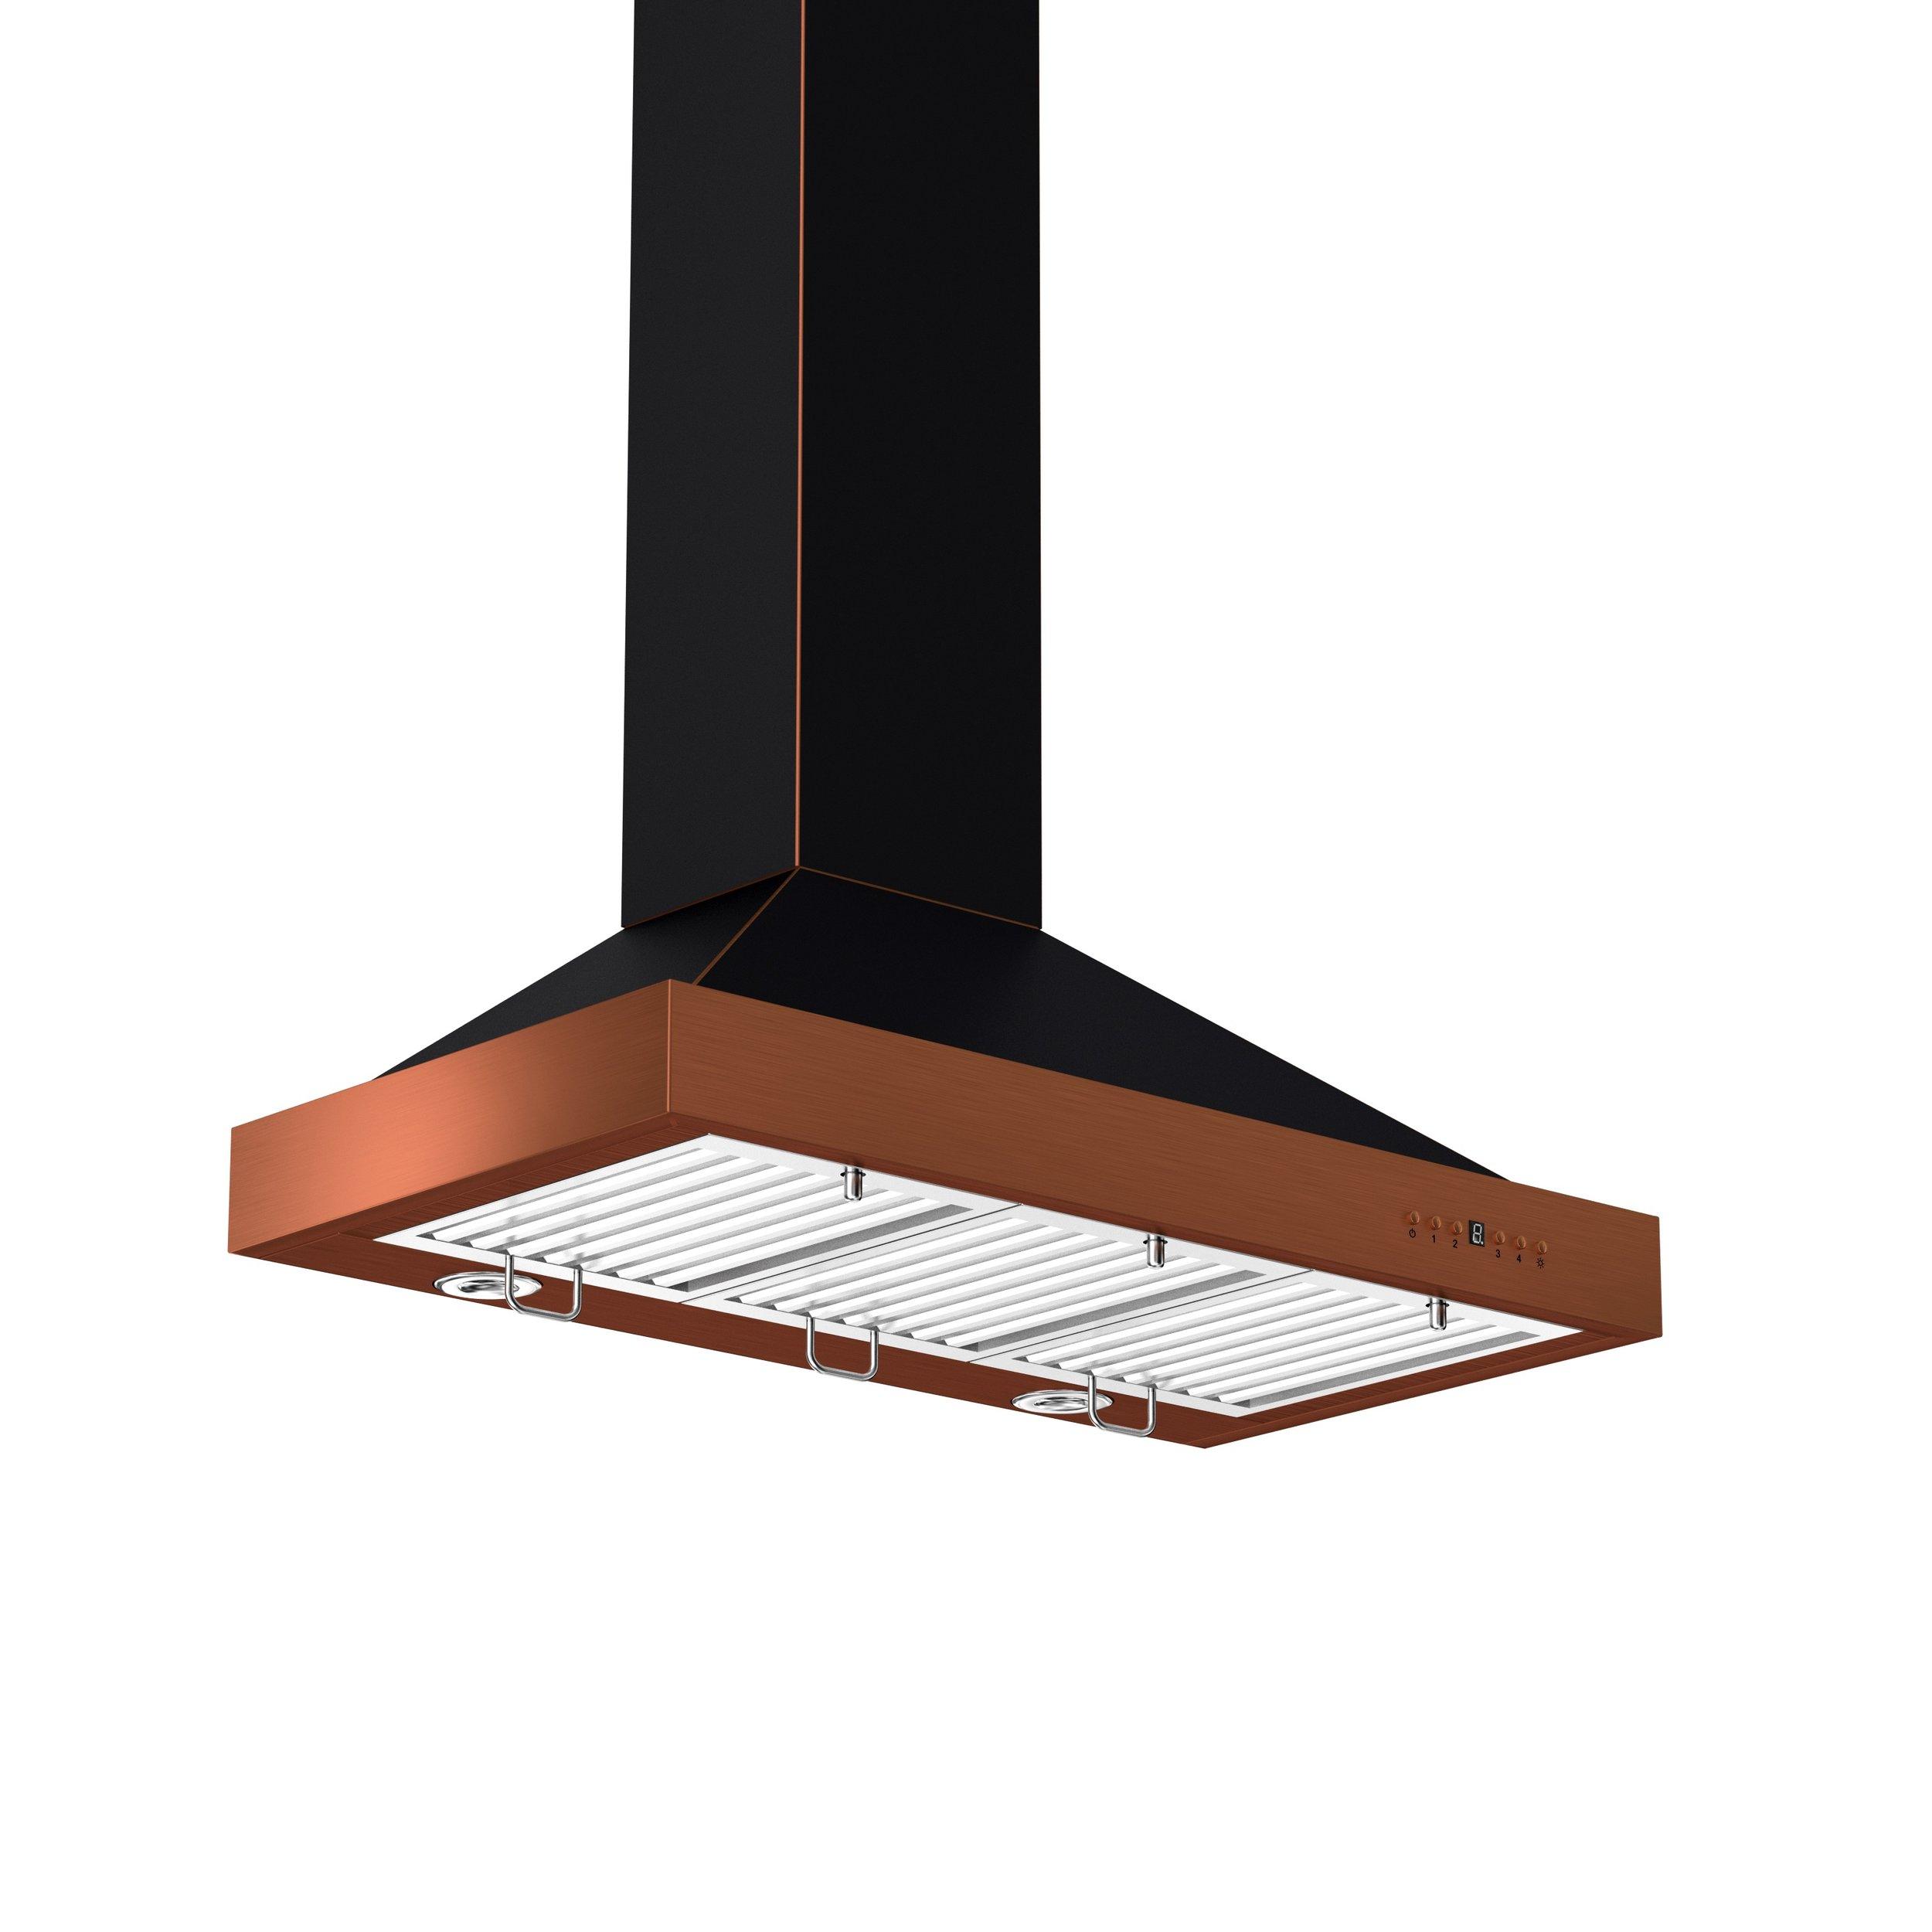 zline-copper-wall-mounted-range-hood-KB2-BCXXX-side-under.jpeg